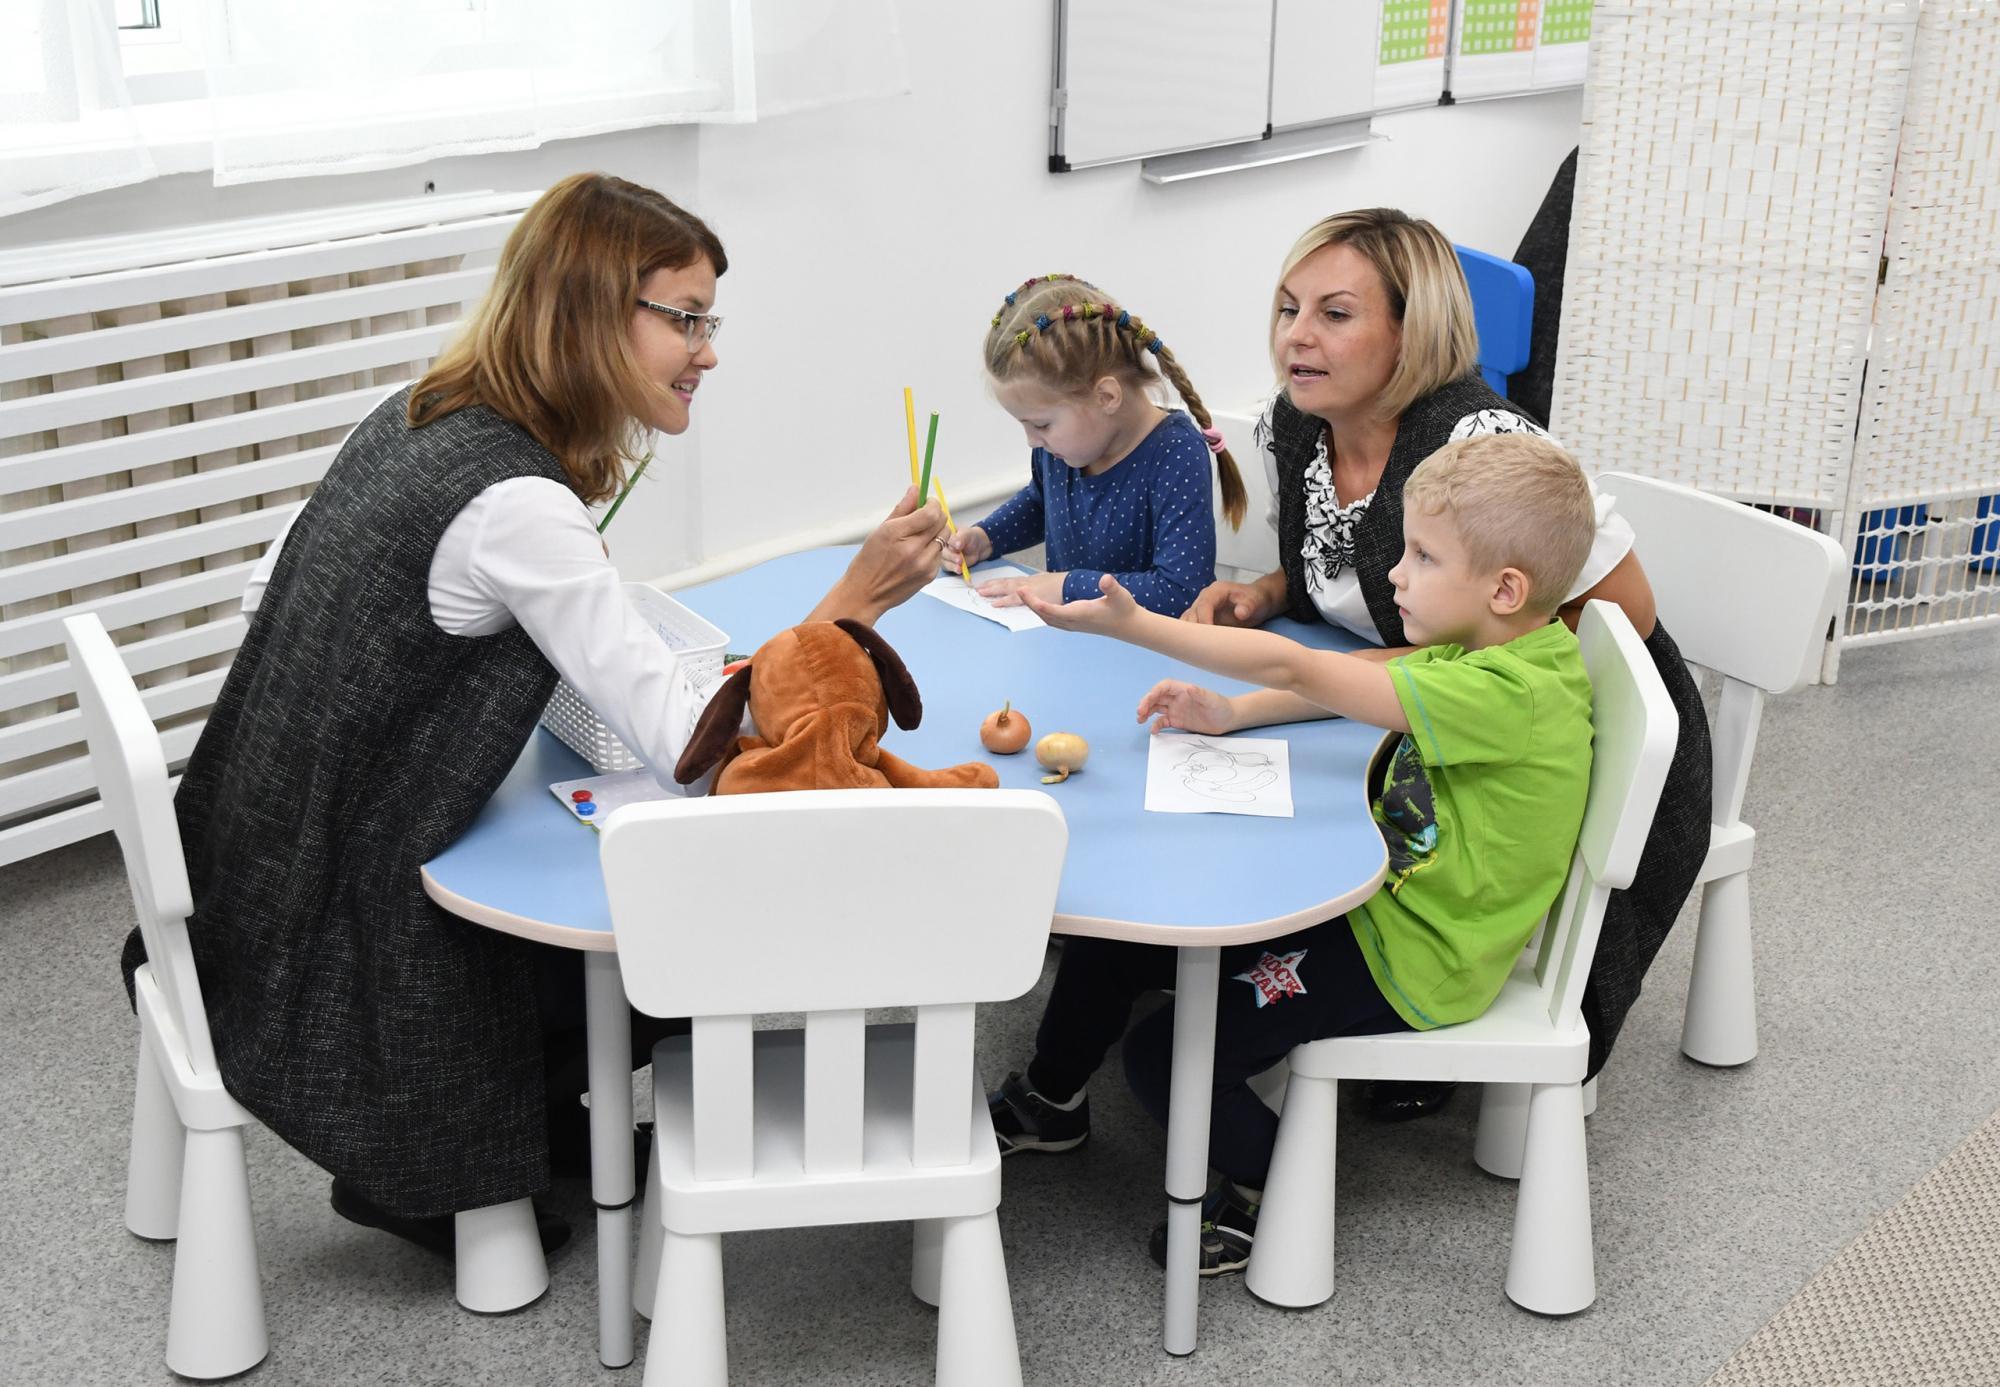 Детям с аутизмом в школе нужен не равный с инвалидами статус, а особые условия